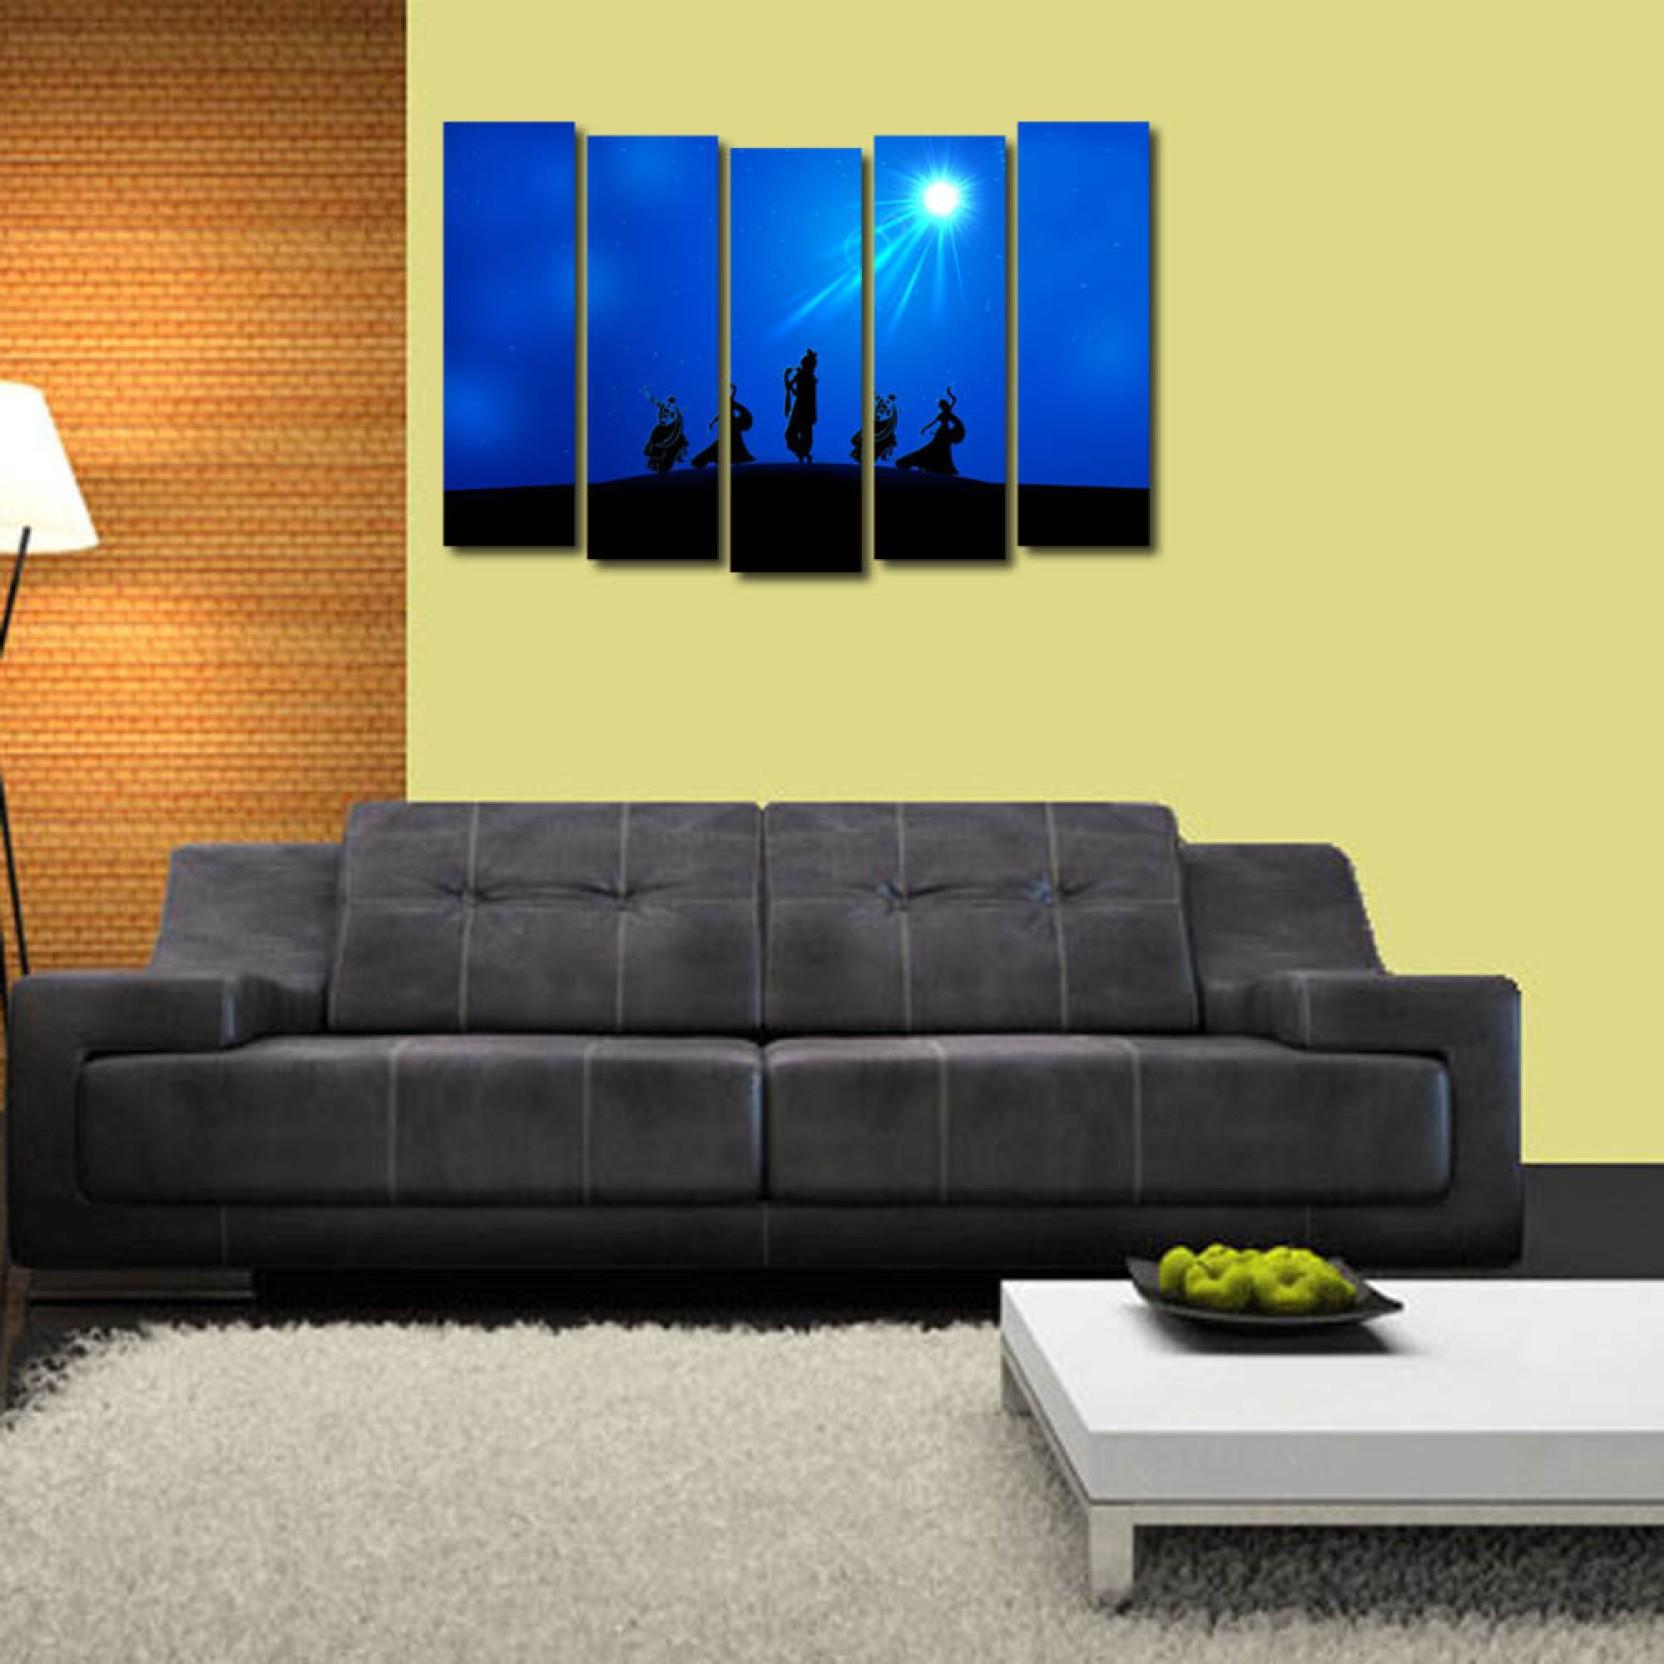 999 Store Multiple Frames Printed Shri Krishna like Modern Wall Art ...